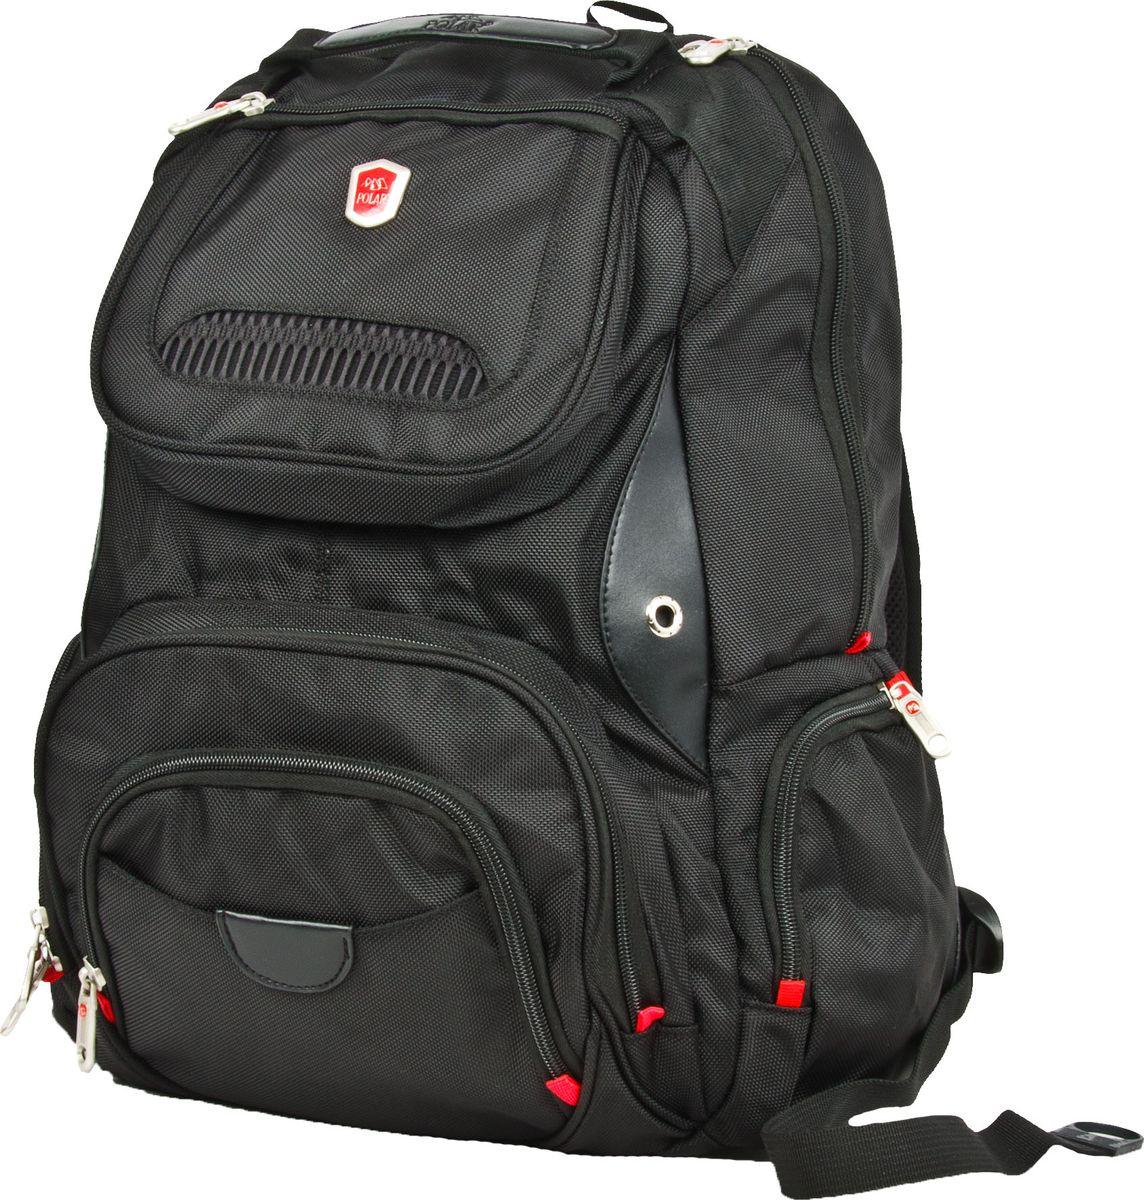 Рюкзак городской Polar, цвет: черный, 26 л. 30343034Удобный рюкзак Polar выполнен из полиэстера. Он предназначен для переноски ноутбука. В комплекте идет универсальный переходник- удлинитель для наушников 3,5 мм, выход на левой лямке рюкзака.Особенности: Система циркуляции воздуха AirFlow для комфорта и максимального удобства для спины; Плечевые ремни анатомической формы;Прочная ручка для переноски рюкзака;Внутренний карман для размещения MP3-плеера;Отделение для ноутбука до 15 дюймов; Петля для солнцезащитных очков;Карман для мобильного телефона на правой лямке рюкзака;Два боковых кармана на молнии;Карман- органайзер для мелких предметов; Снаружи рюкзака два накладных кармана на молнии размерами 19 х 17 см.